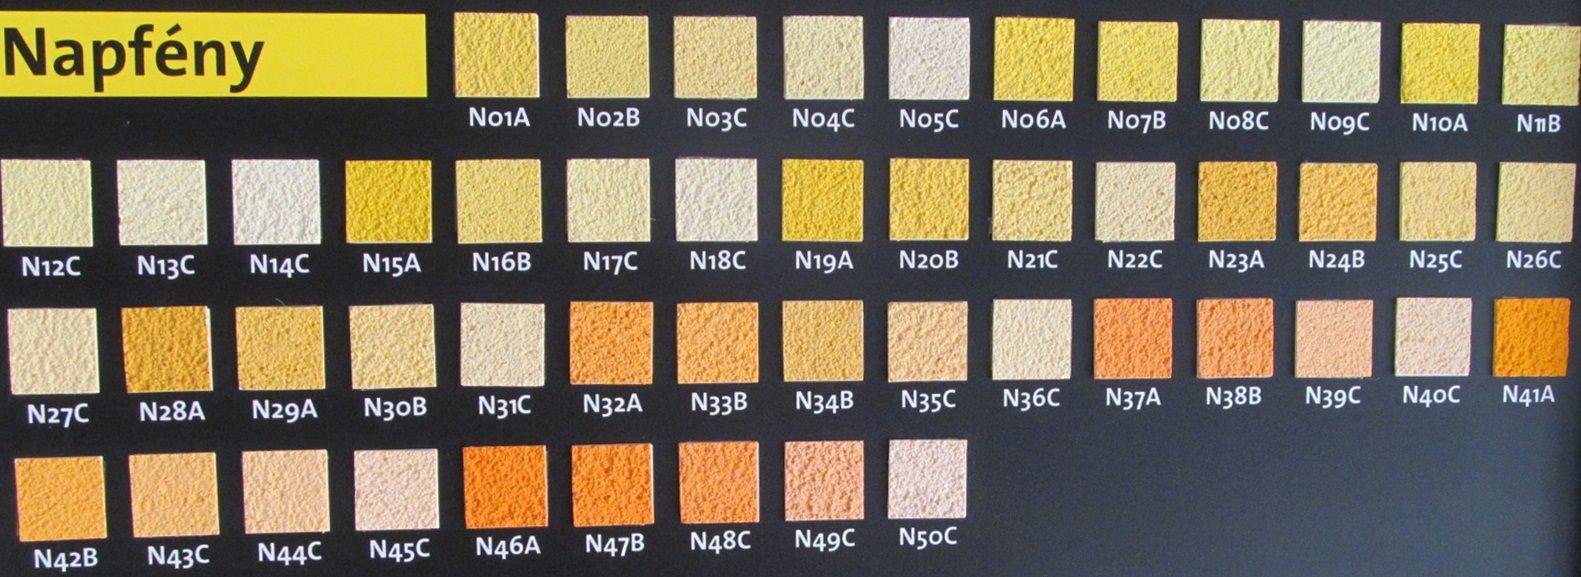 8622b112f3 Ide tartoznak a citromsárga árnyalatai is. A mediterrán színek kedvelői  pedig a barack, narancssárga különböző árnyalataiból választhatnak.